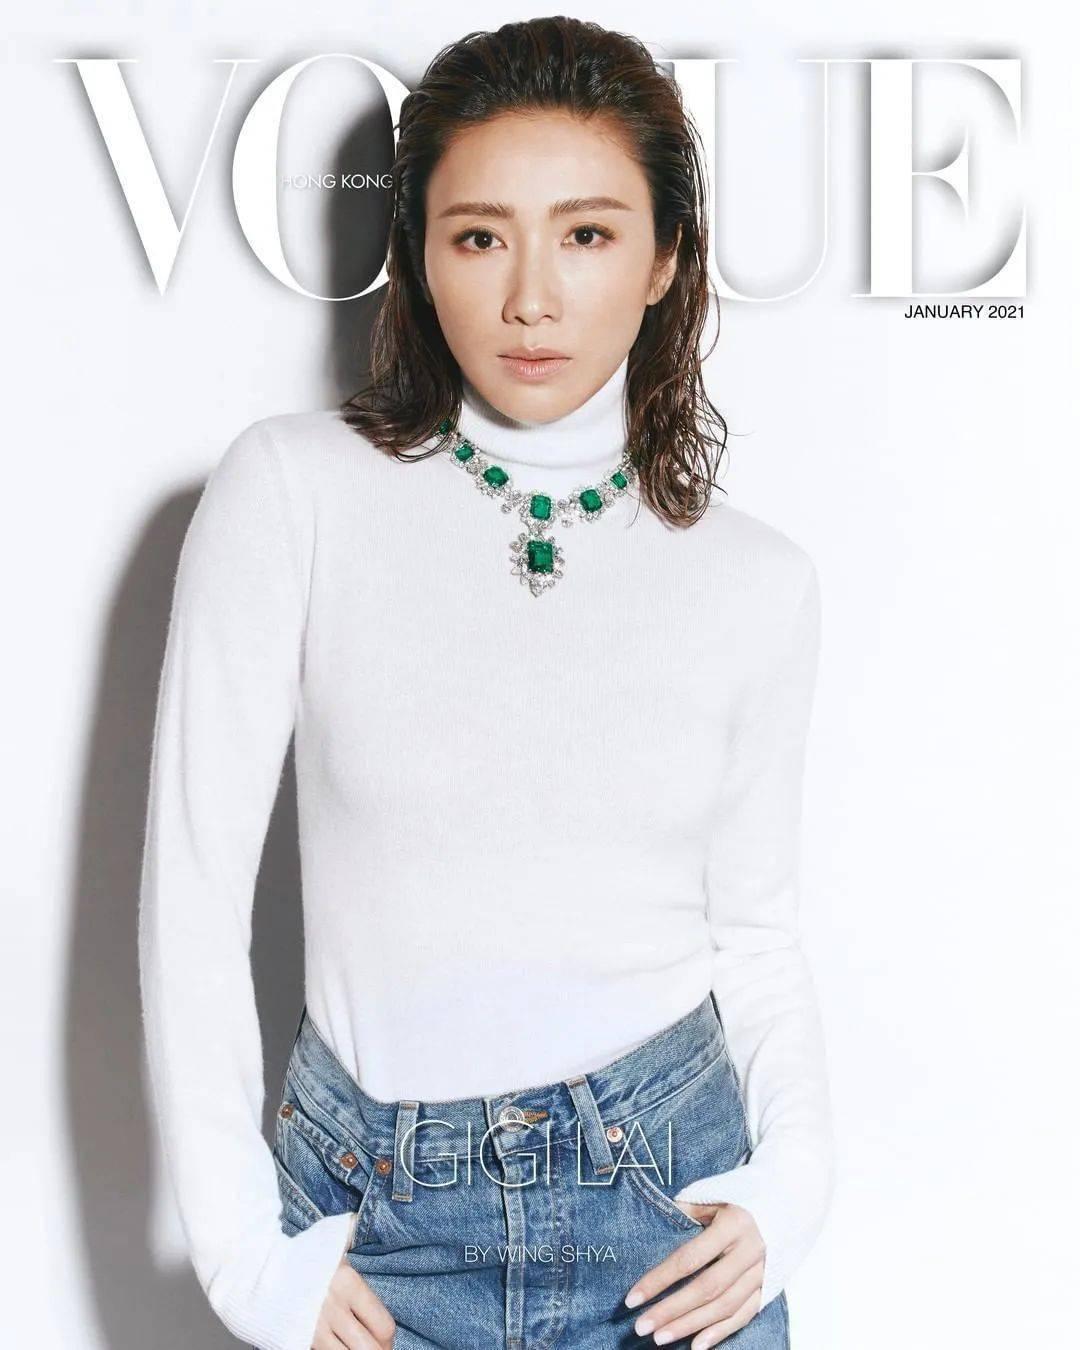 时隔13年,惊喜又回来了,香港女演员黎姿登上了香港版《VOGUE》的封面